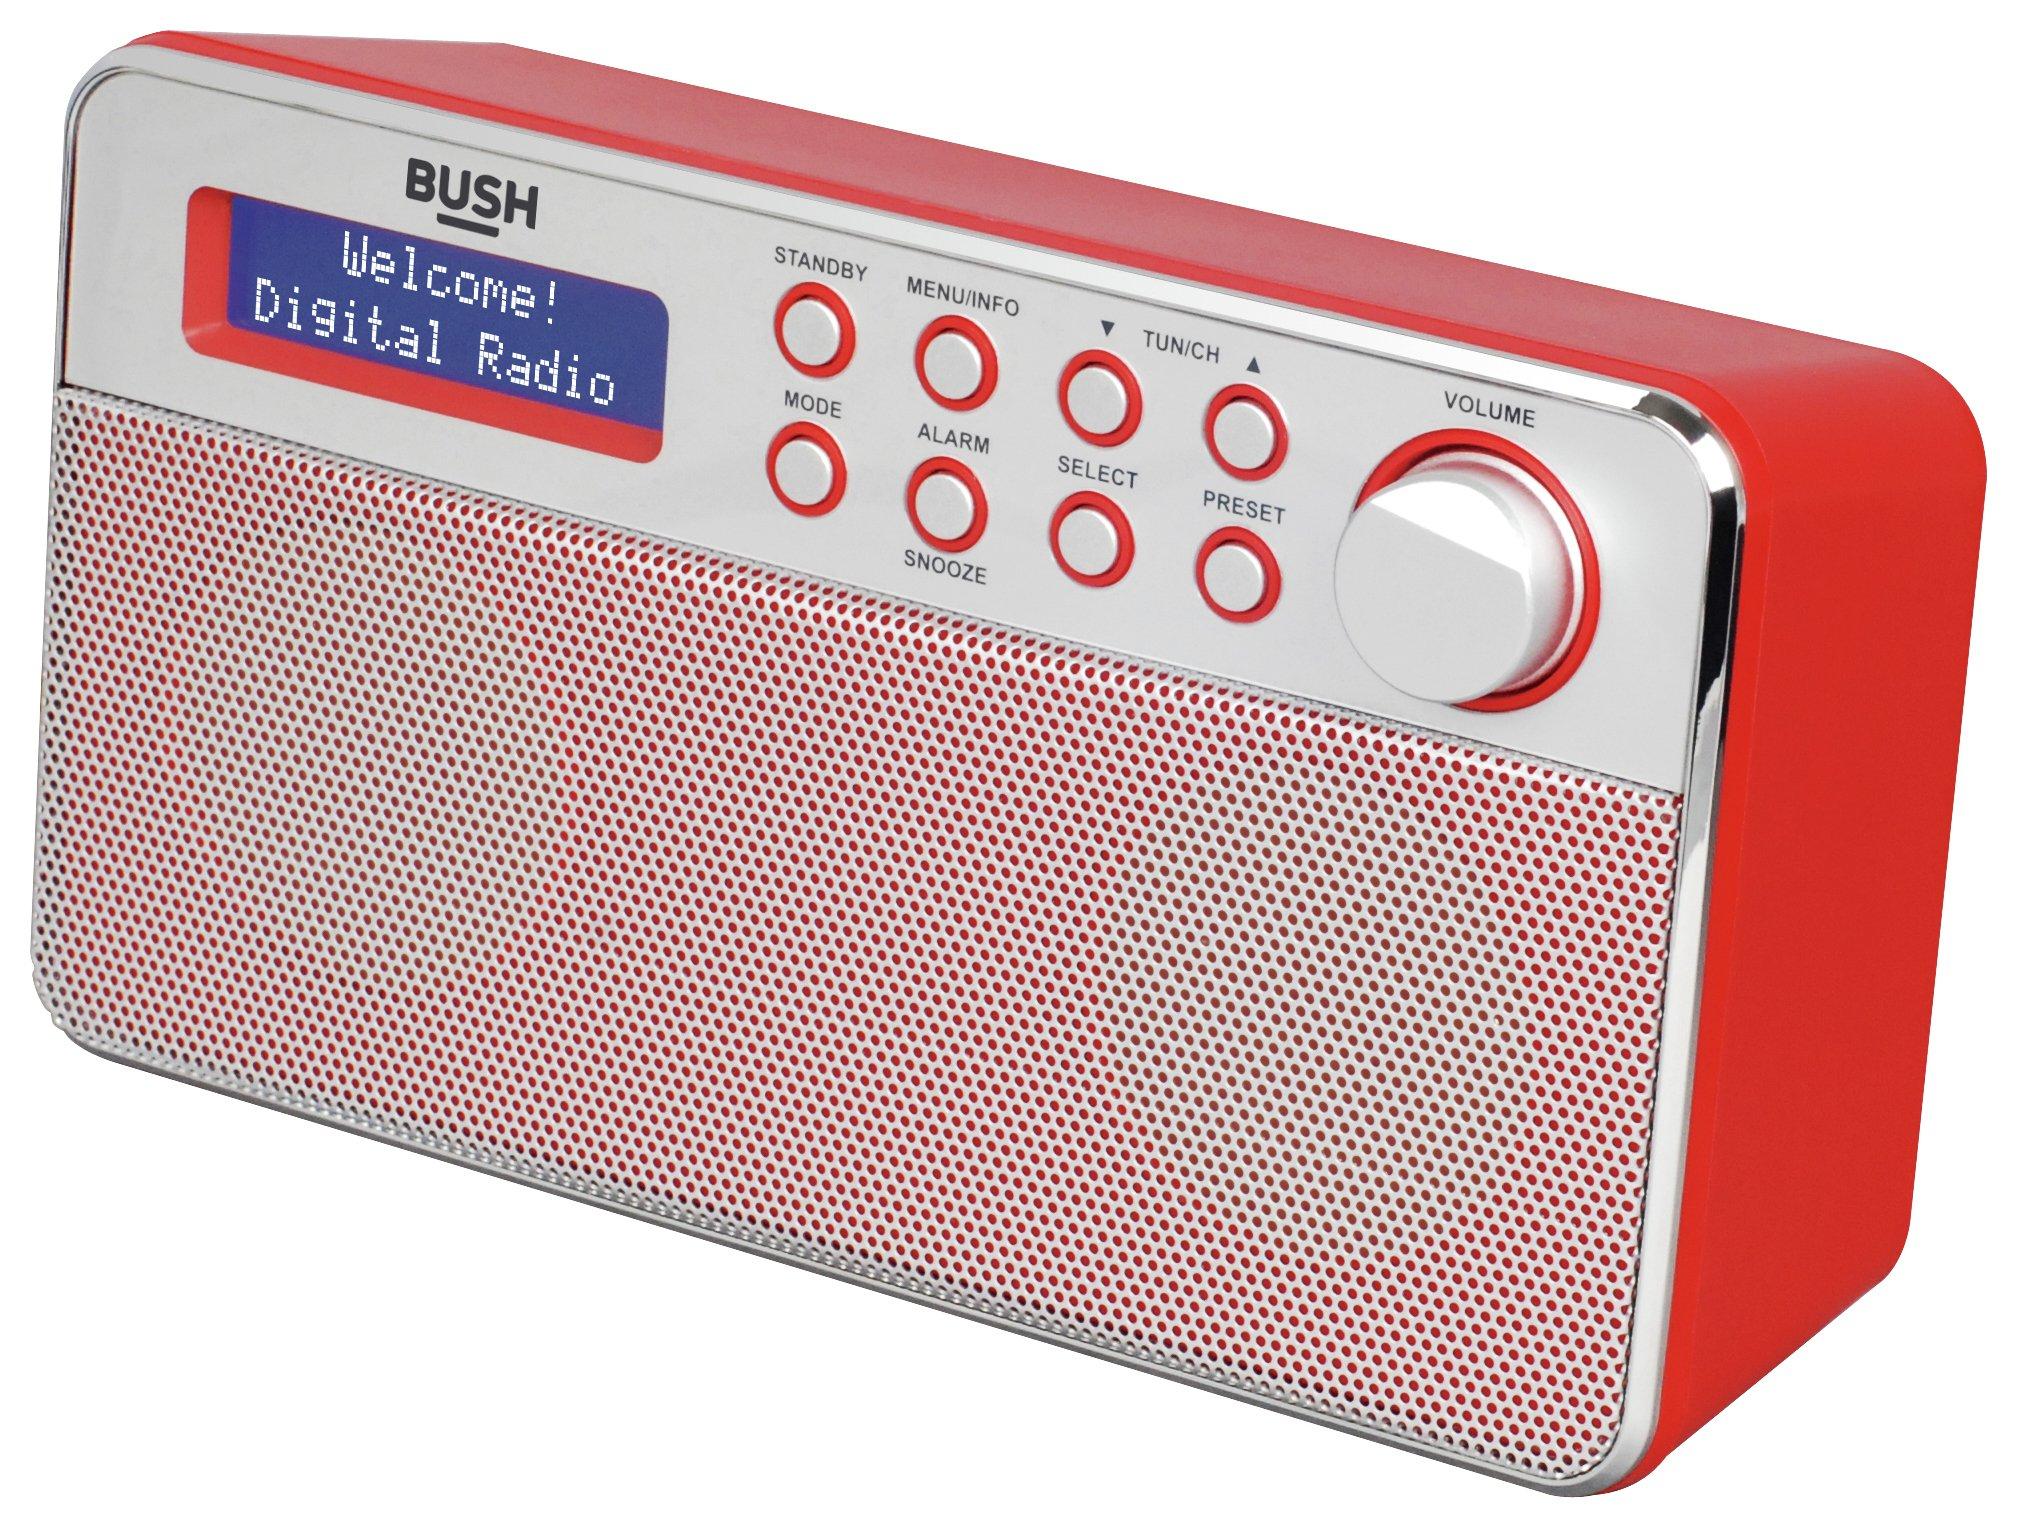 Bush Stereo DAB Radio (Red) £19.99 @ Argos